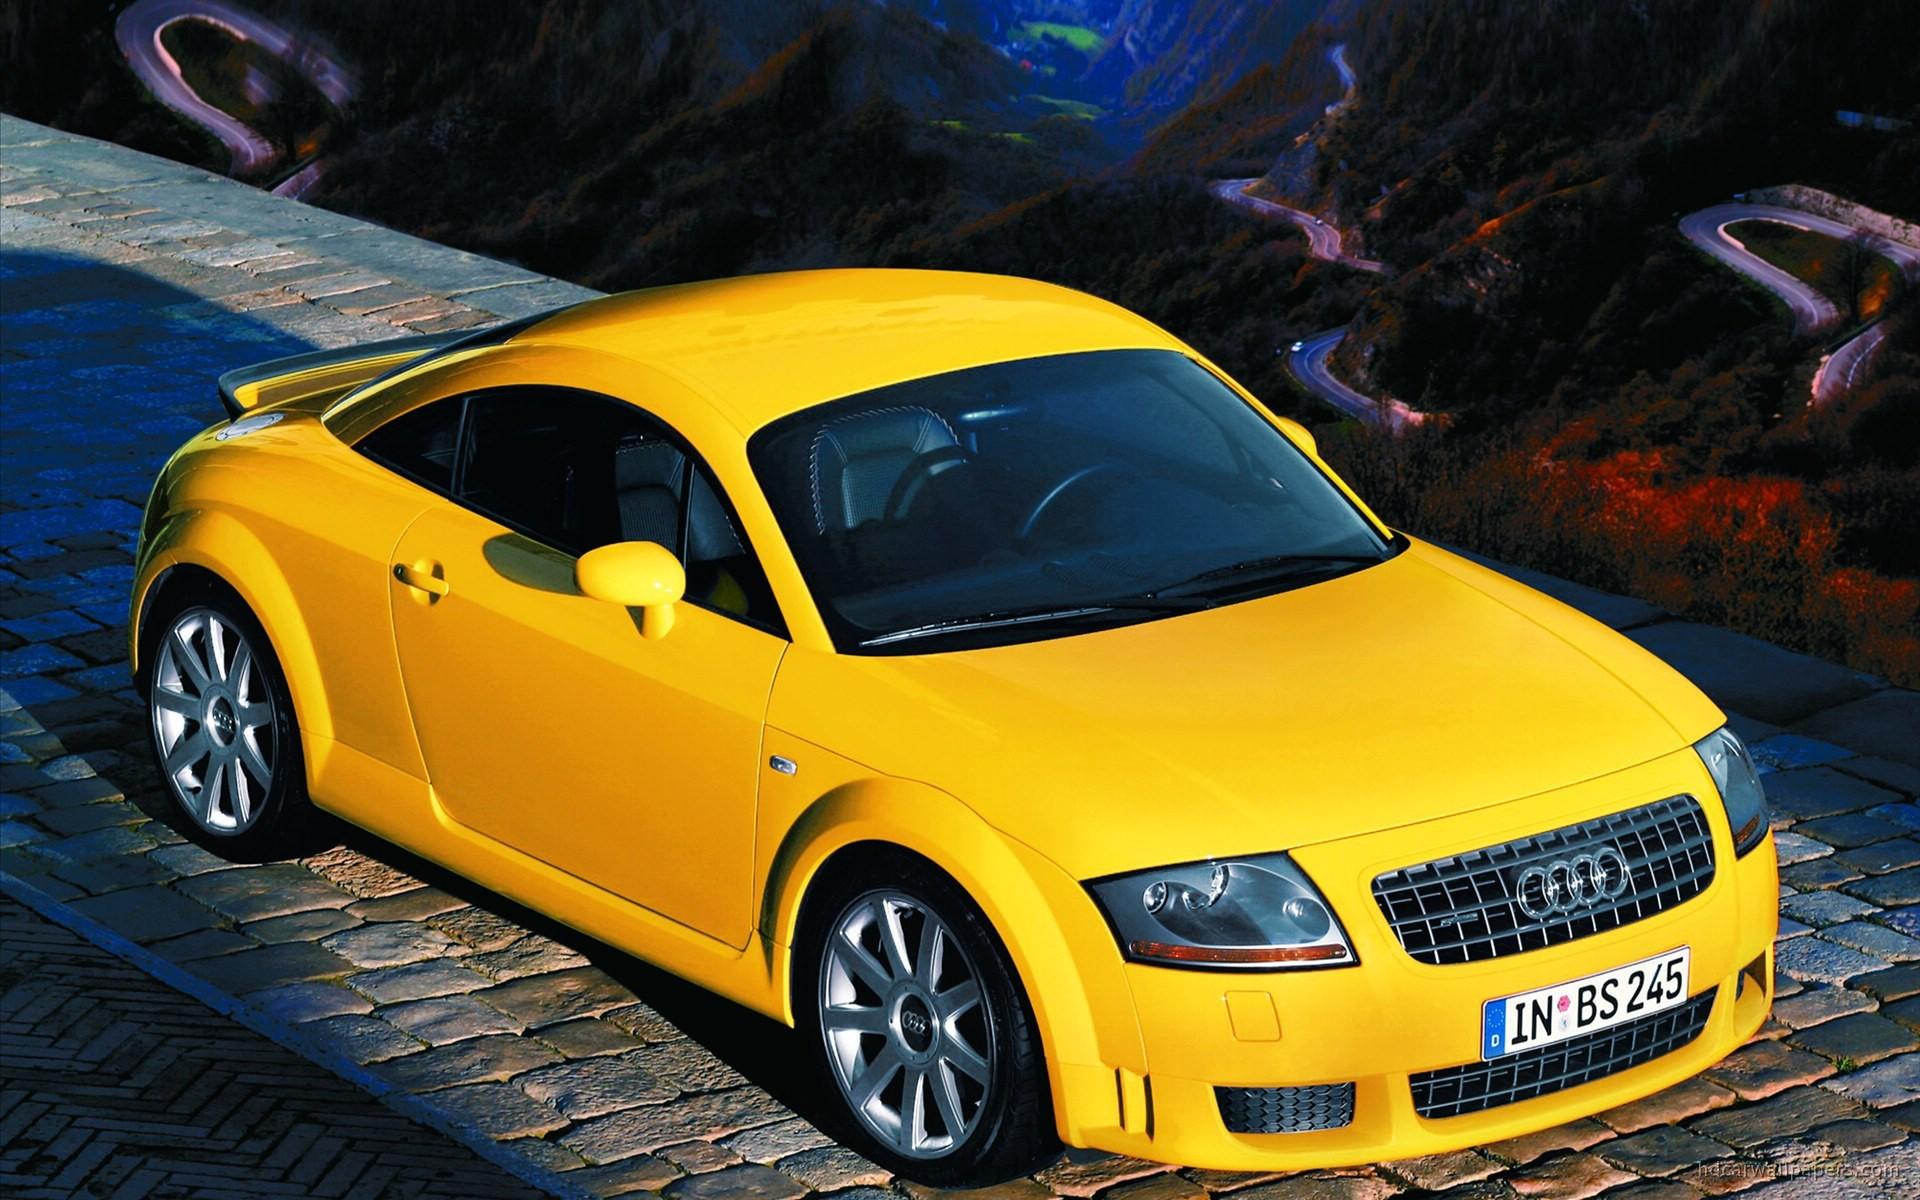 2004 Audi TT Wallpaper | HD Car Wallpapers | ID #1803